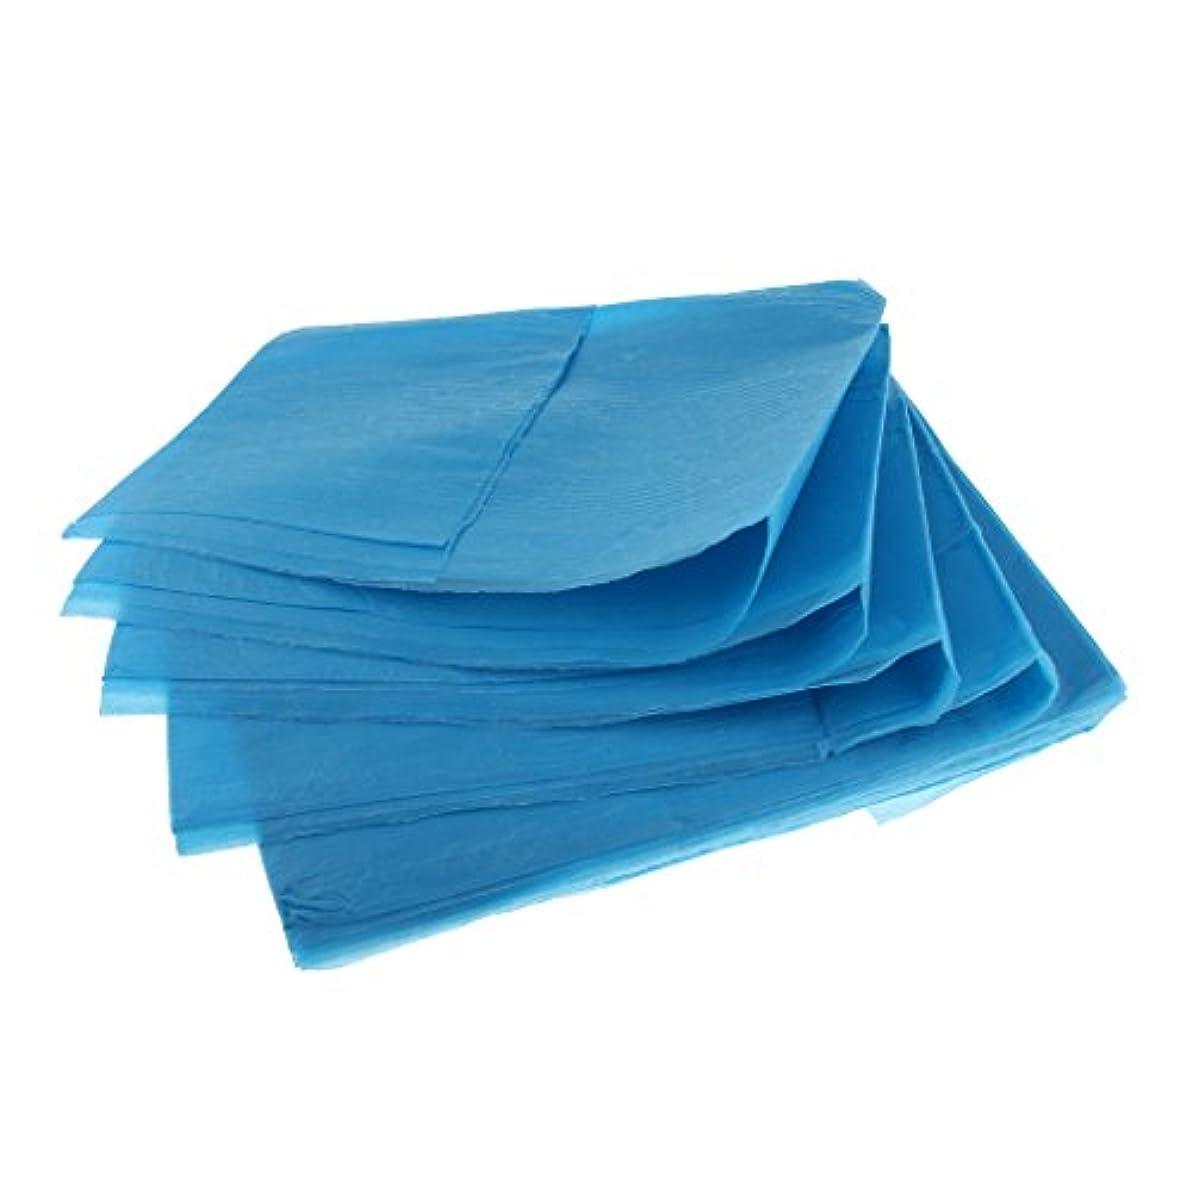 私たちの簡潔な彼のSONONIA 10枚 使い捨て ベッドシーツ ベッドパッド カバー 妊産婦 生理期間 スキンケア 美容院 サロン ホテル 2色選べ - 青